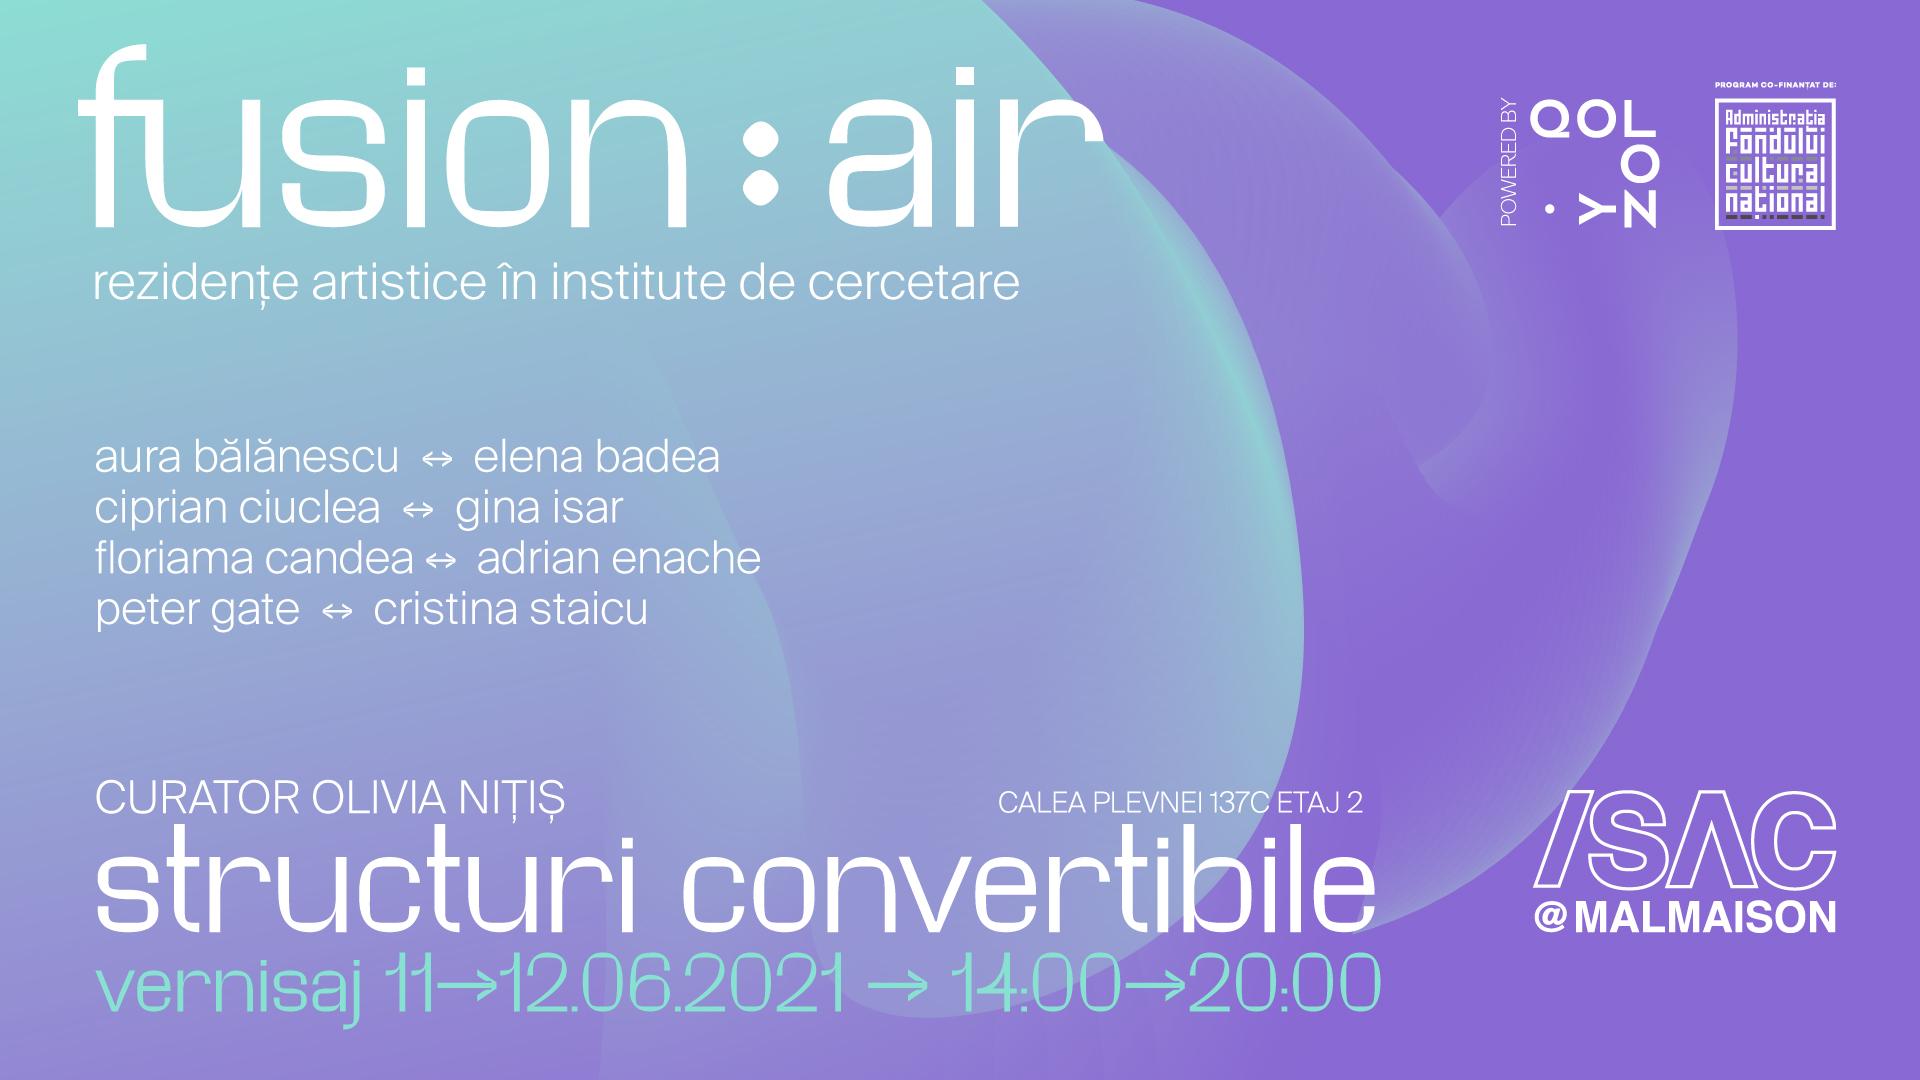 Expoziția Fusion:AIR 2021 – Structuri convertibile